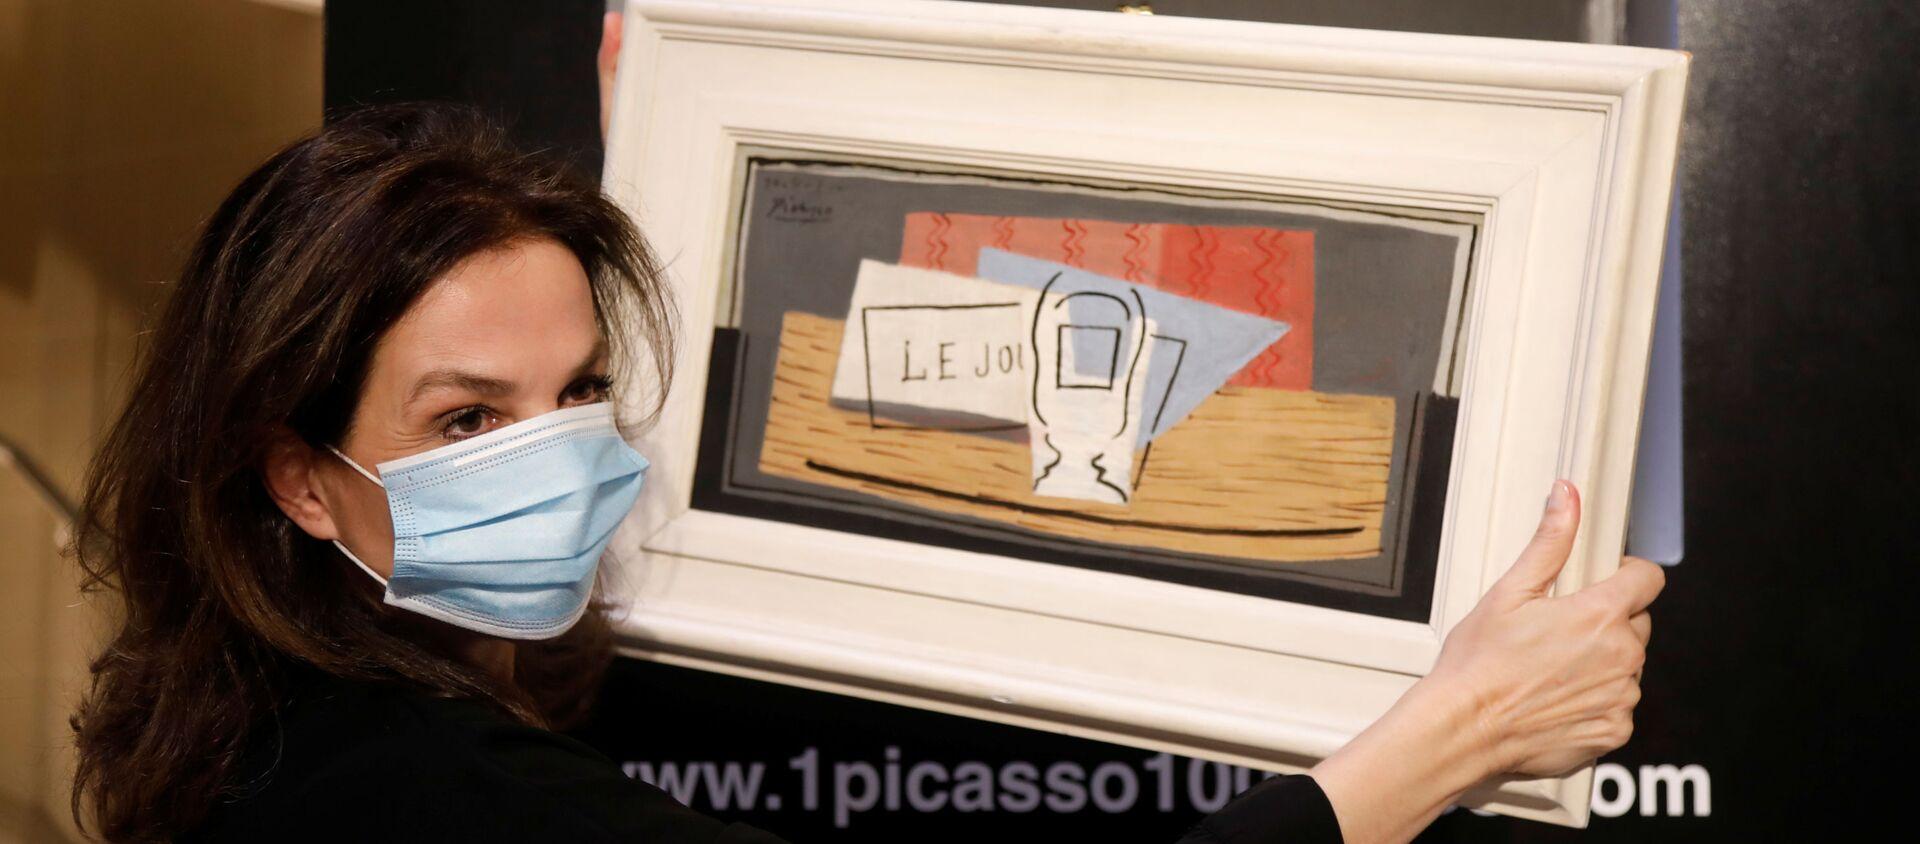 El cuadro de Picasso que participó en la lotería - Sputnik Mundo, 1920, 21.05.2020